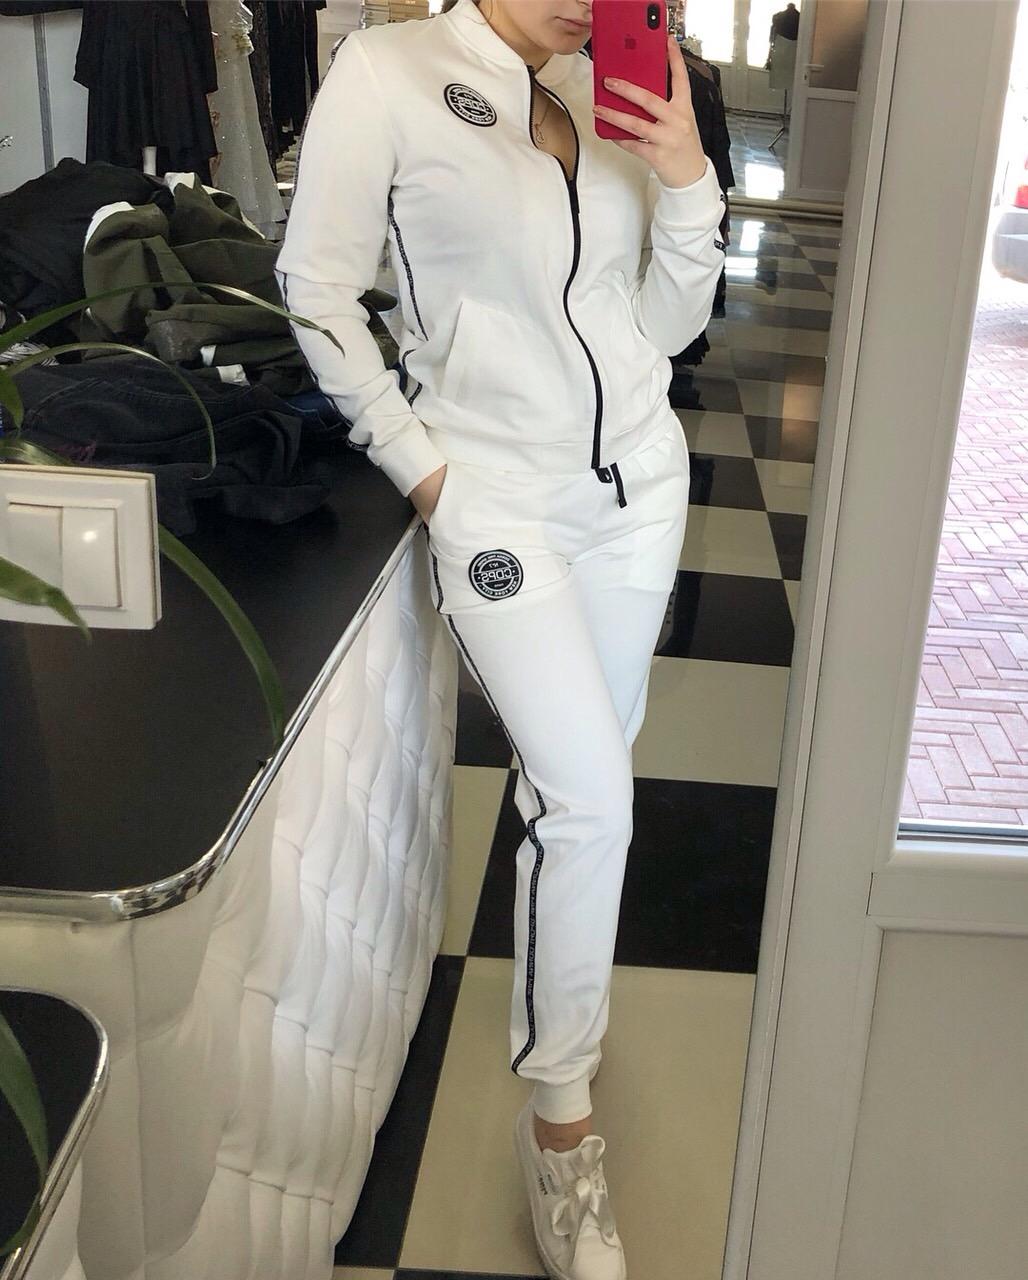 Білий спортивний костюм купити в Києві - Товари - Турецькі сукні ... 3e3c43ee72612